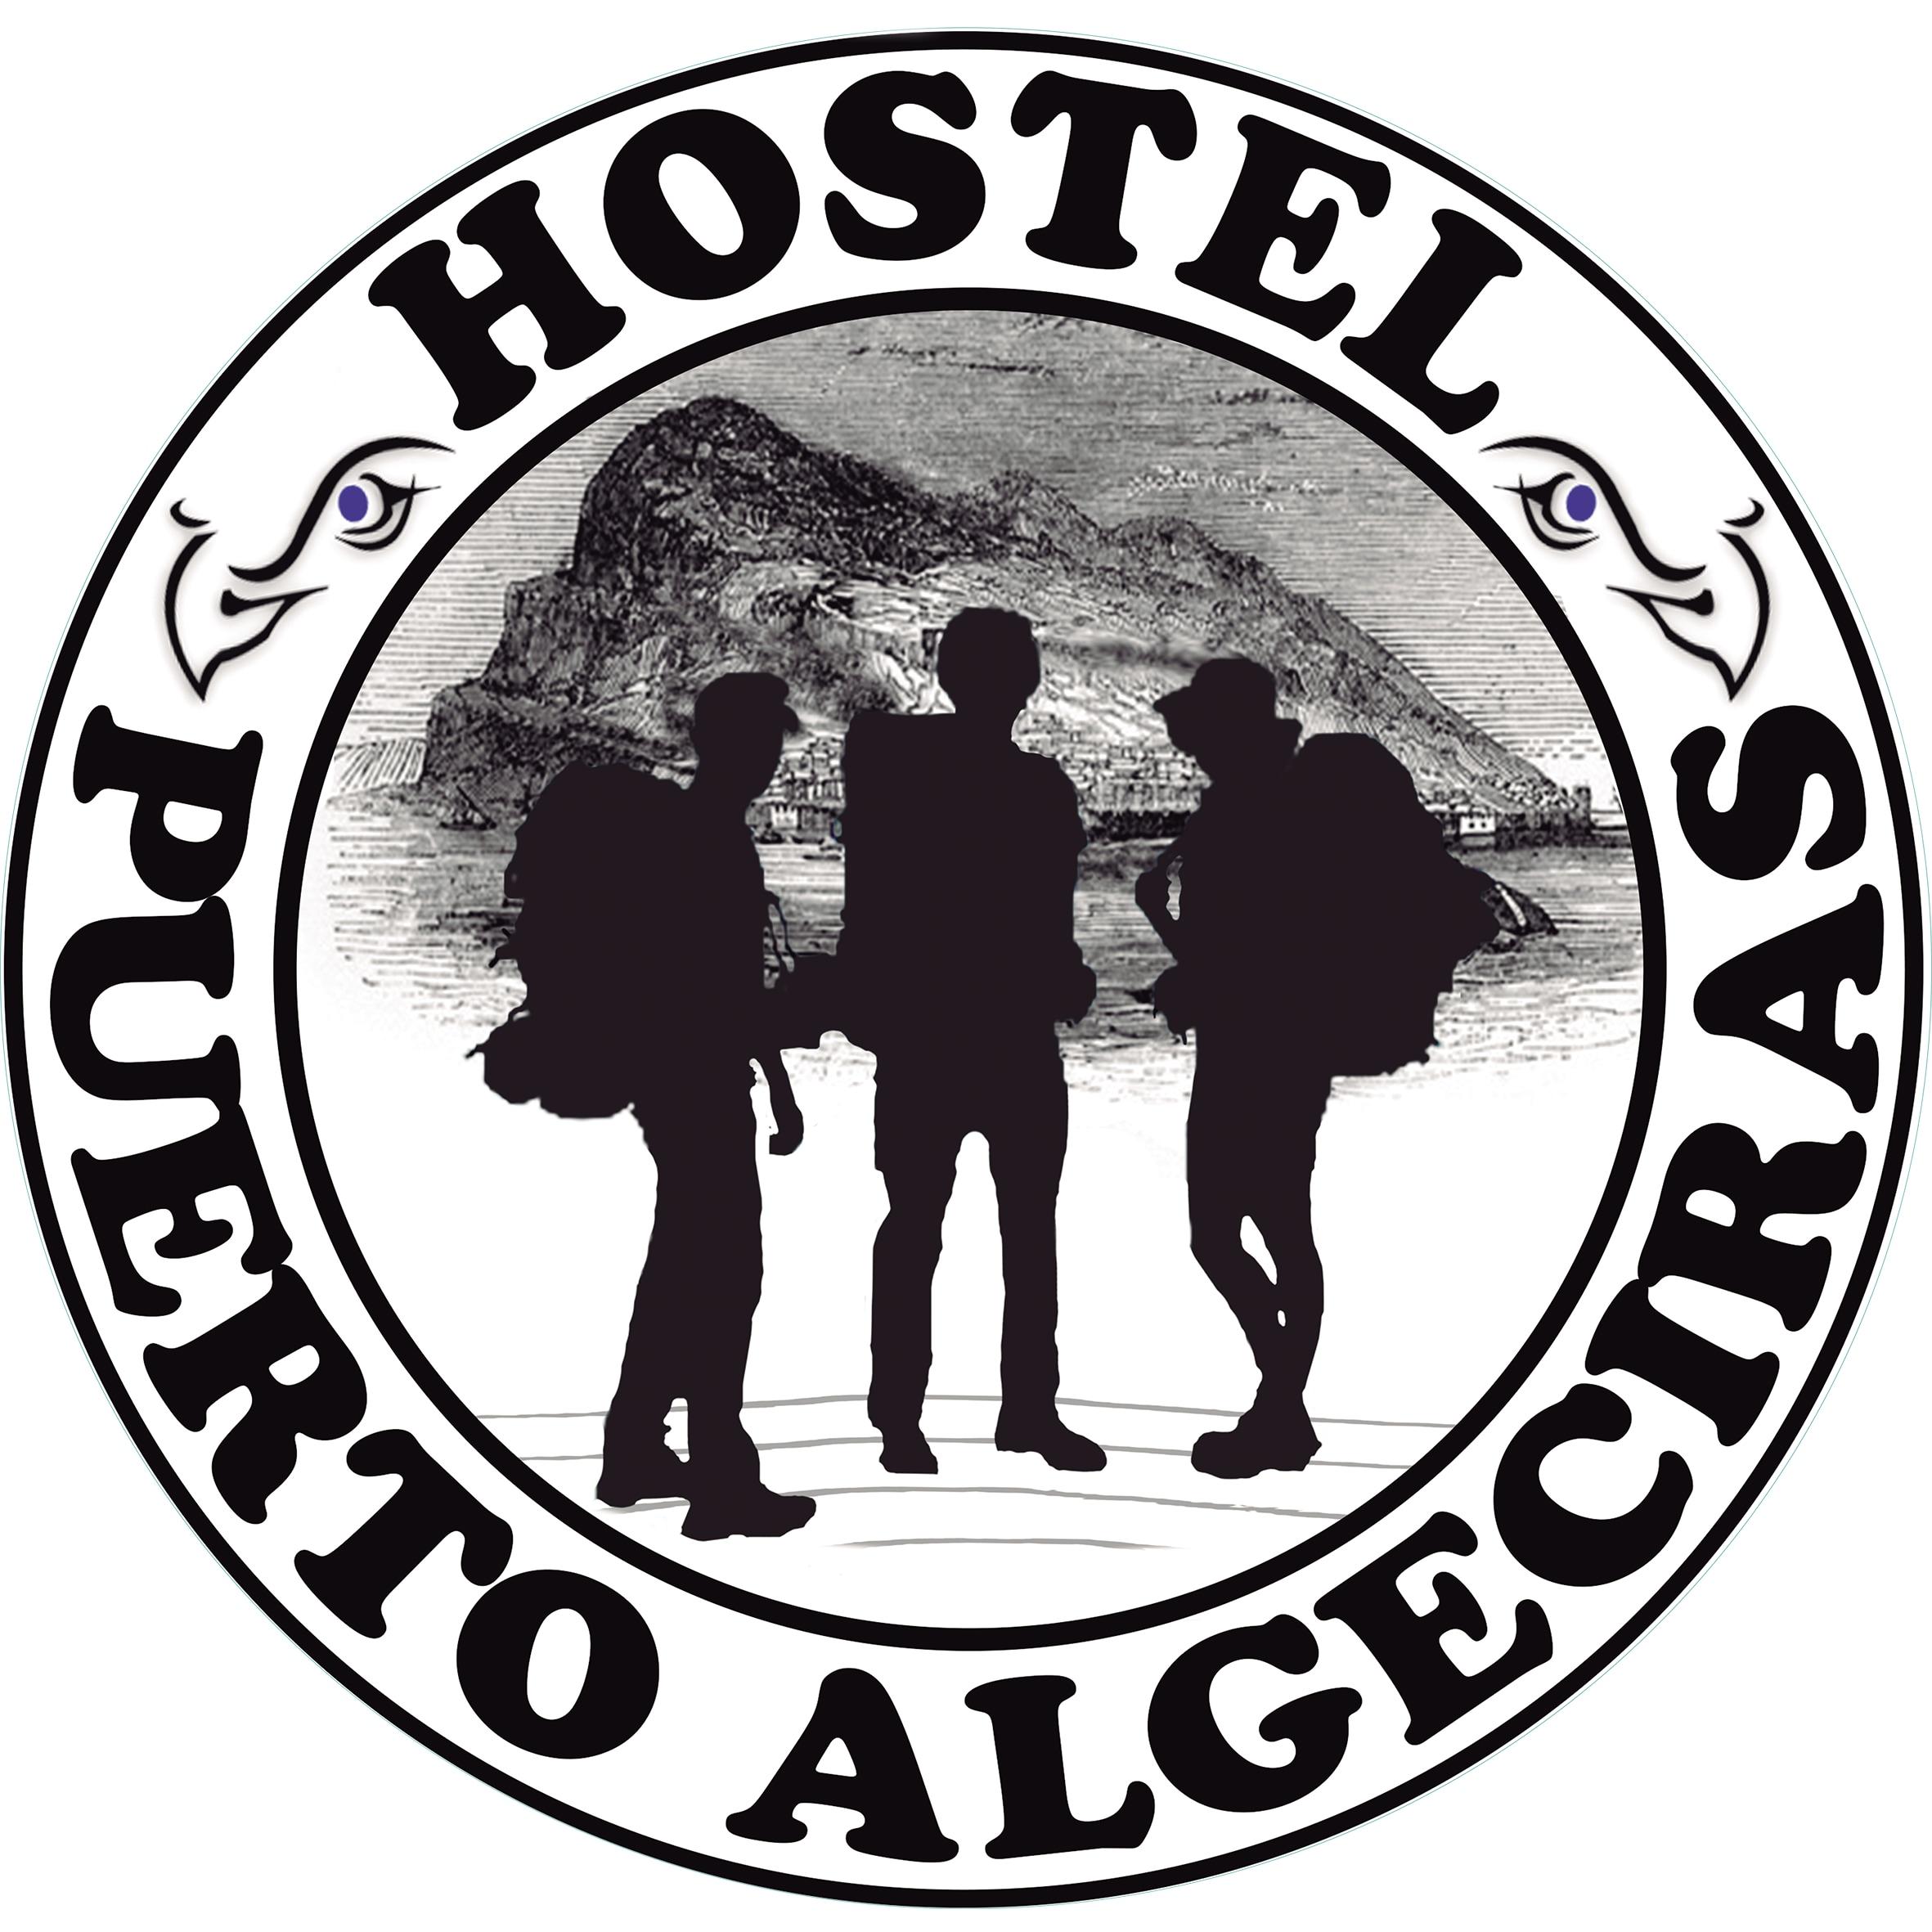 Hostel Puerto Algeciras